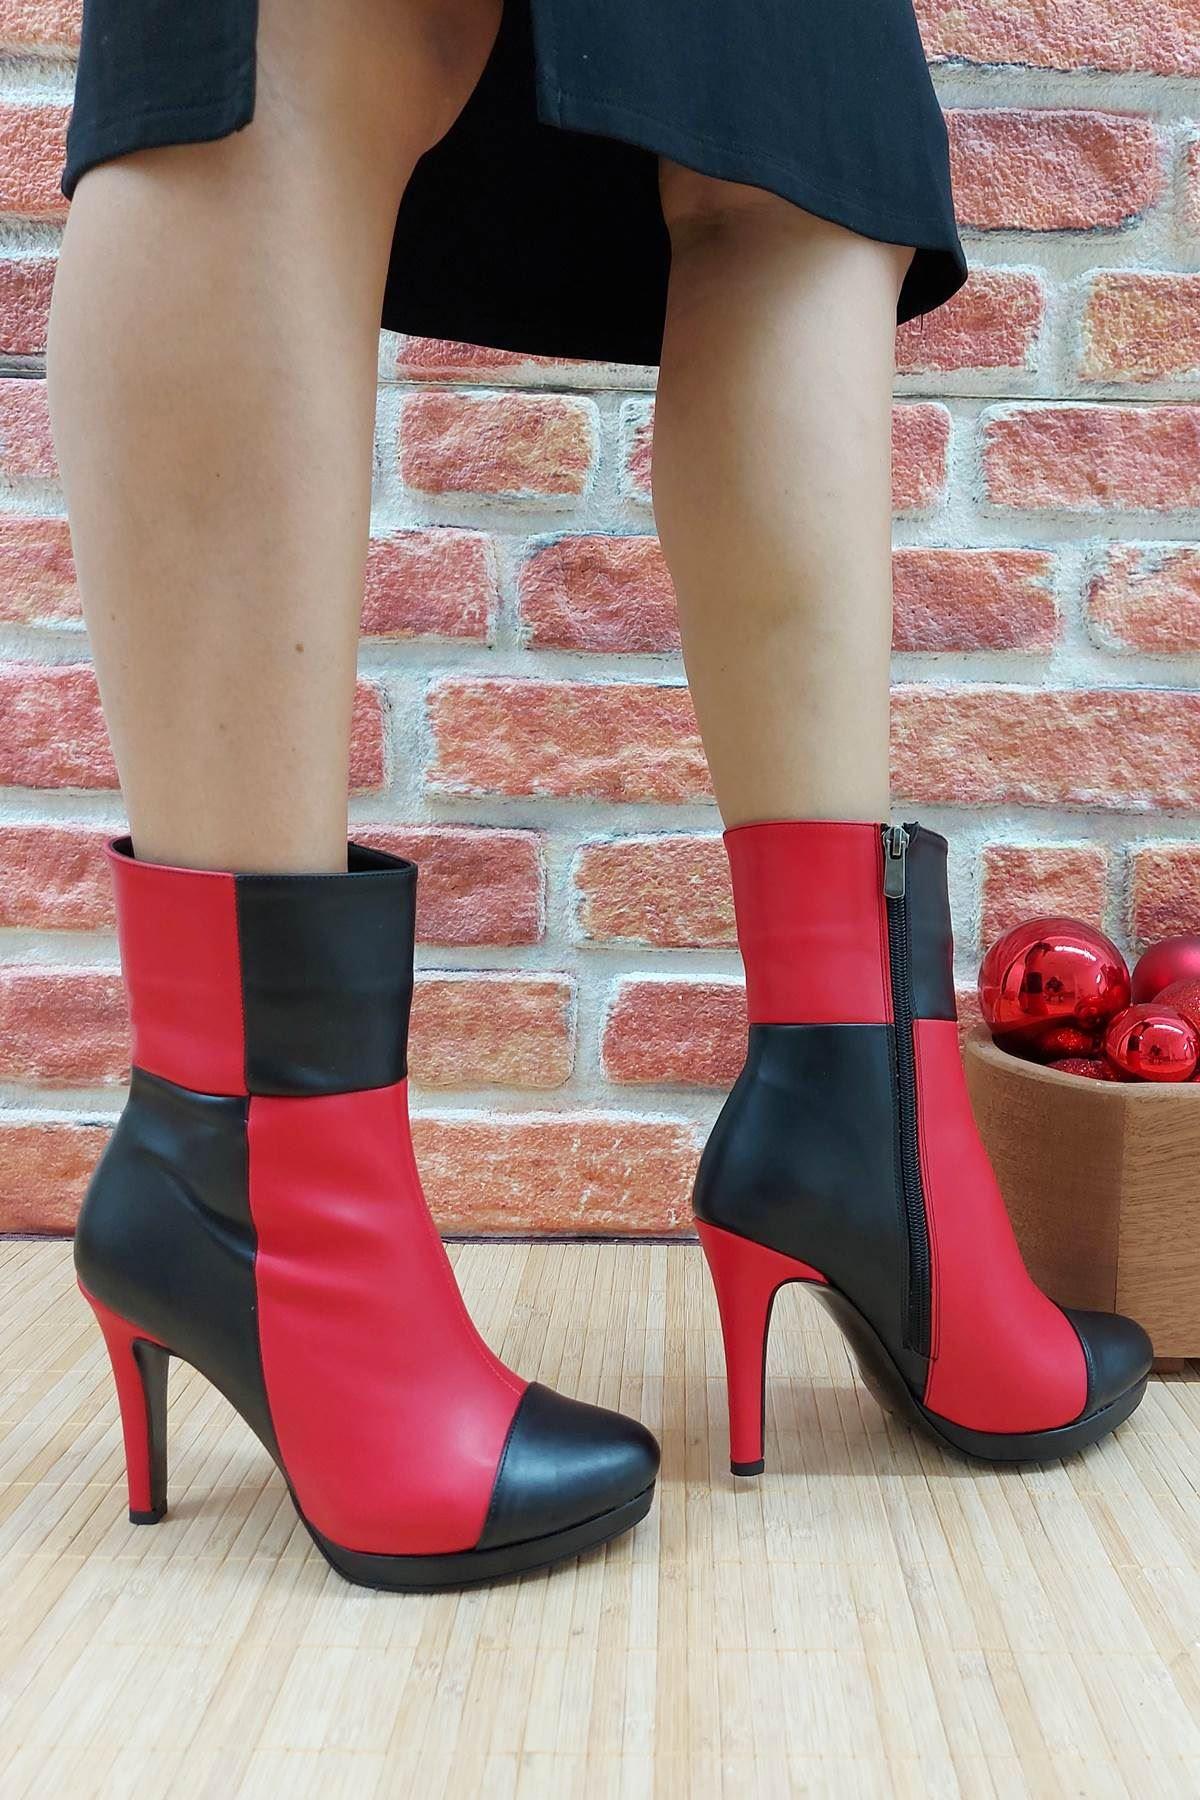 Reid Siyah-Kırmızı Cilt Topuklu Bot